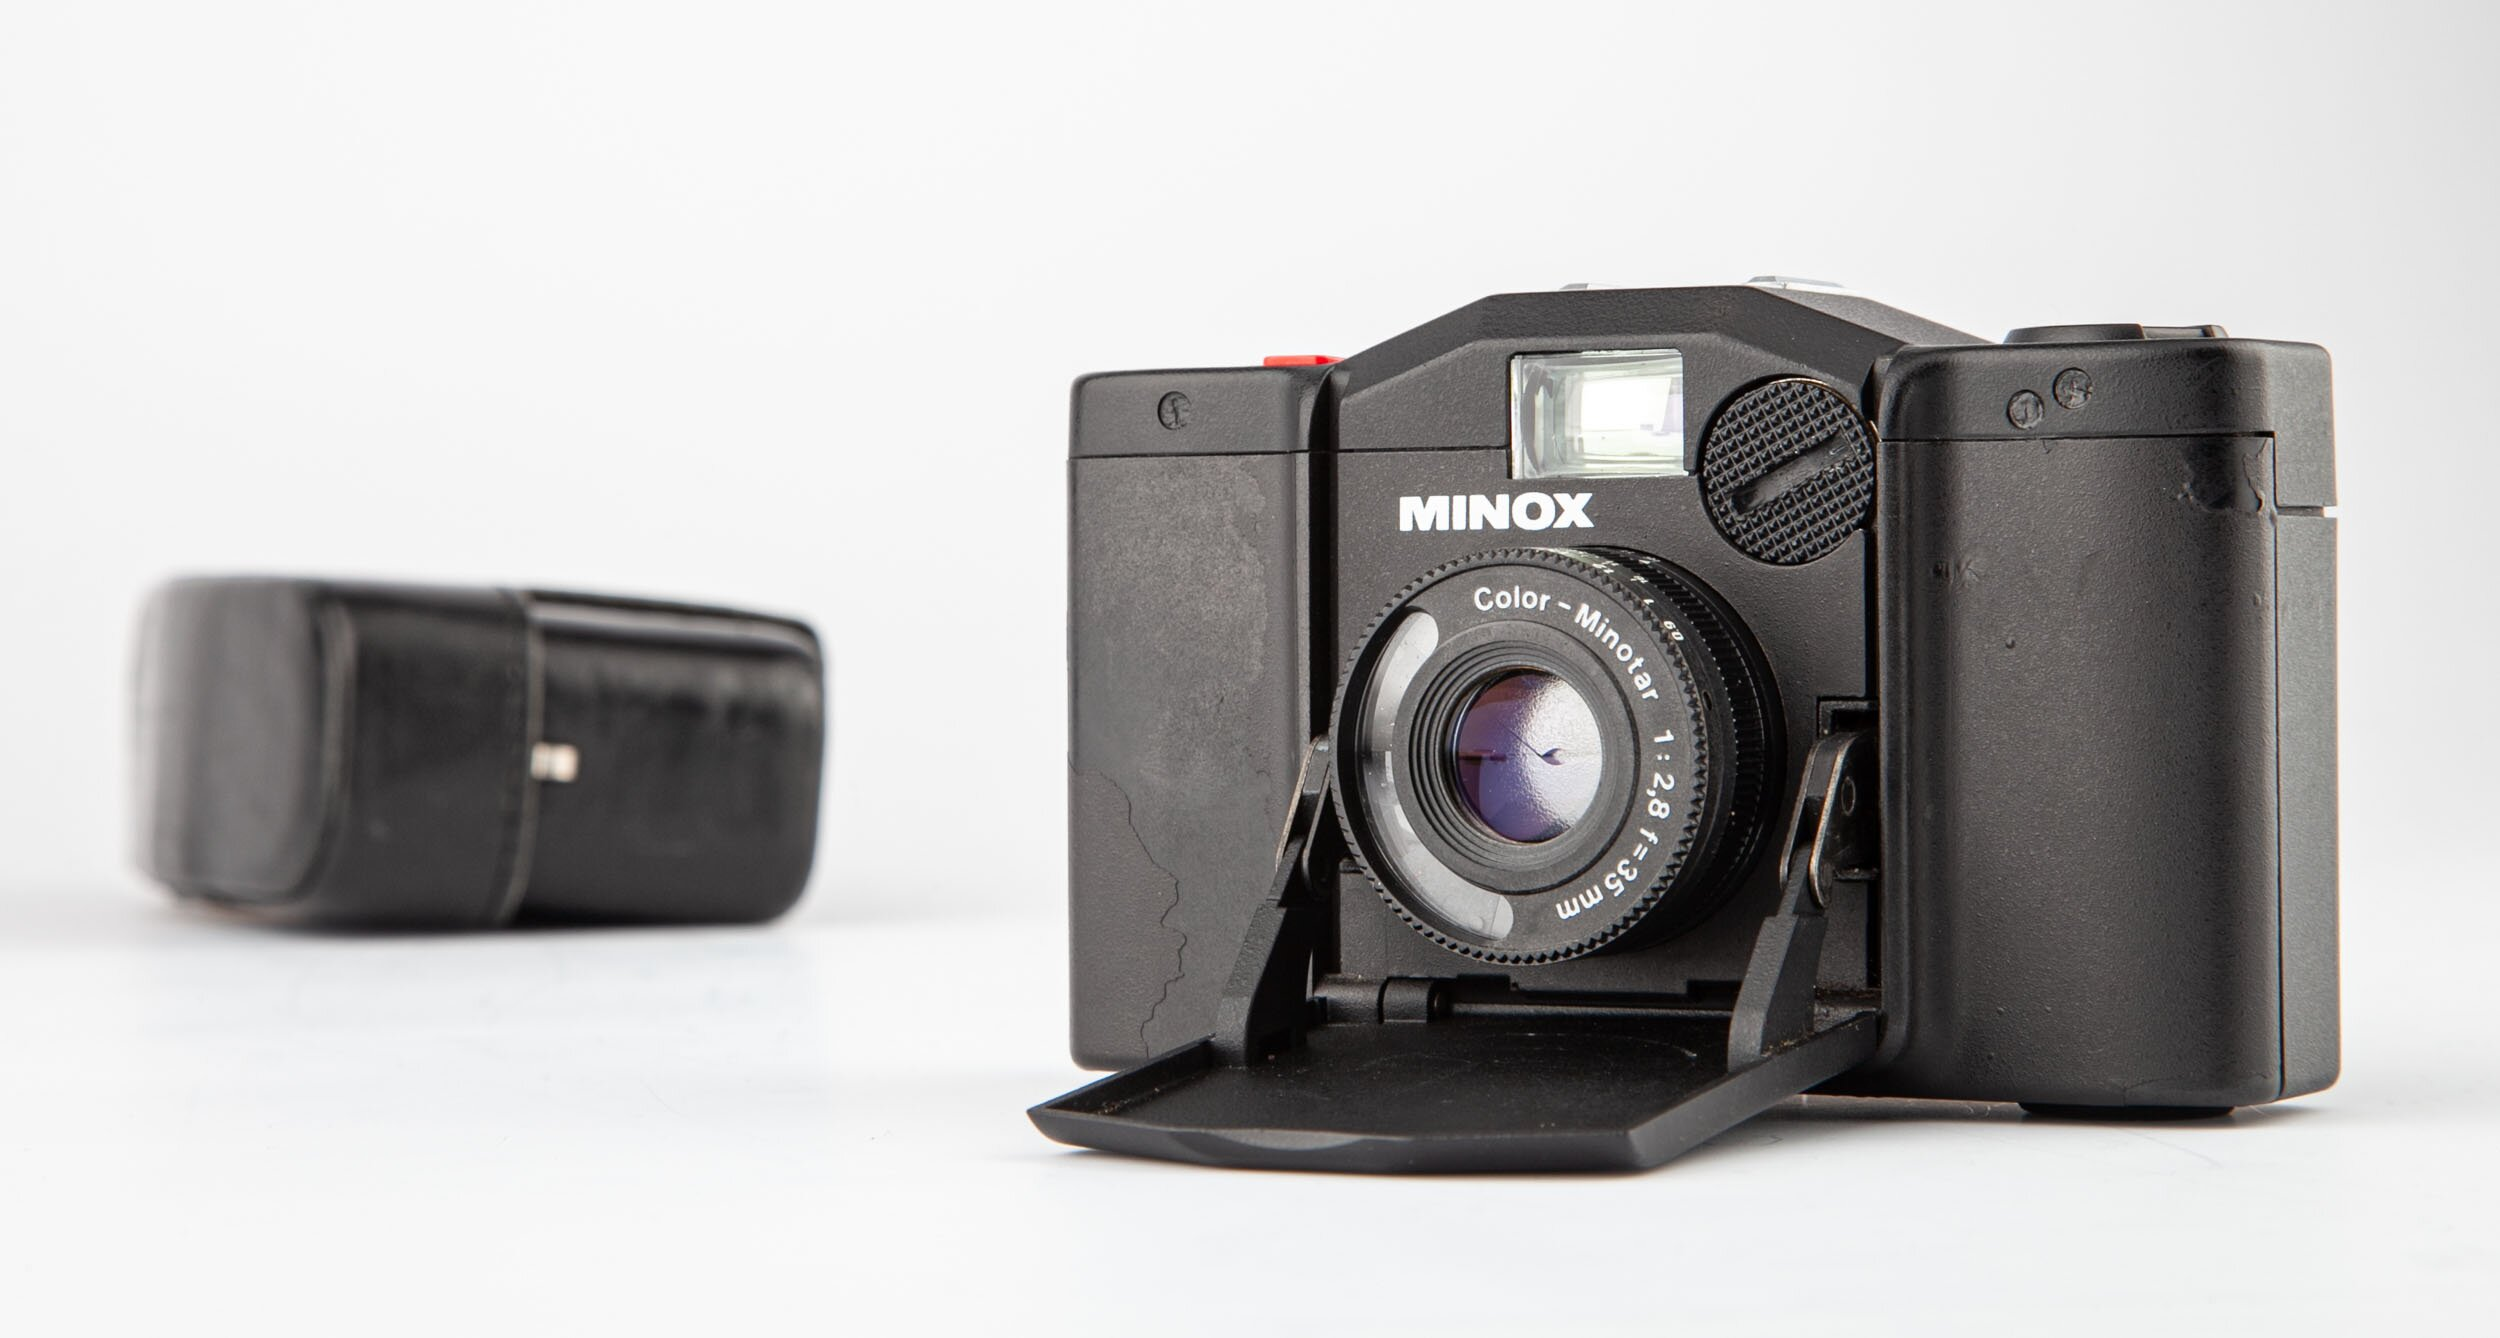 Minox 35 EL Color-Minotar 2,8/35mm